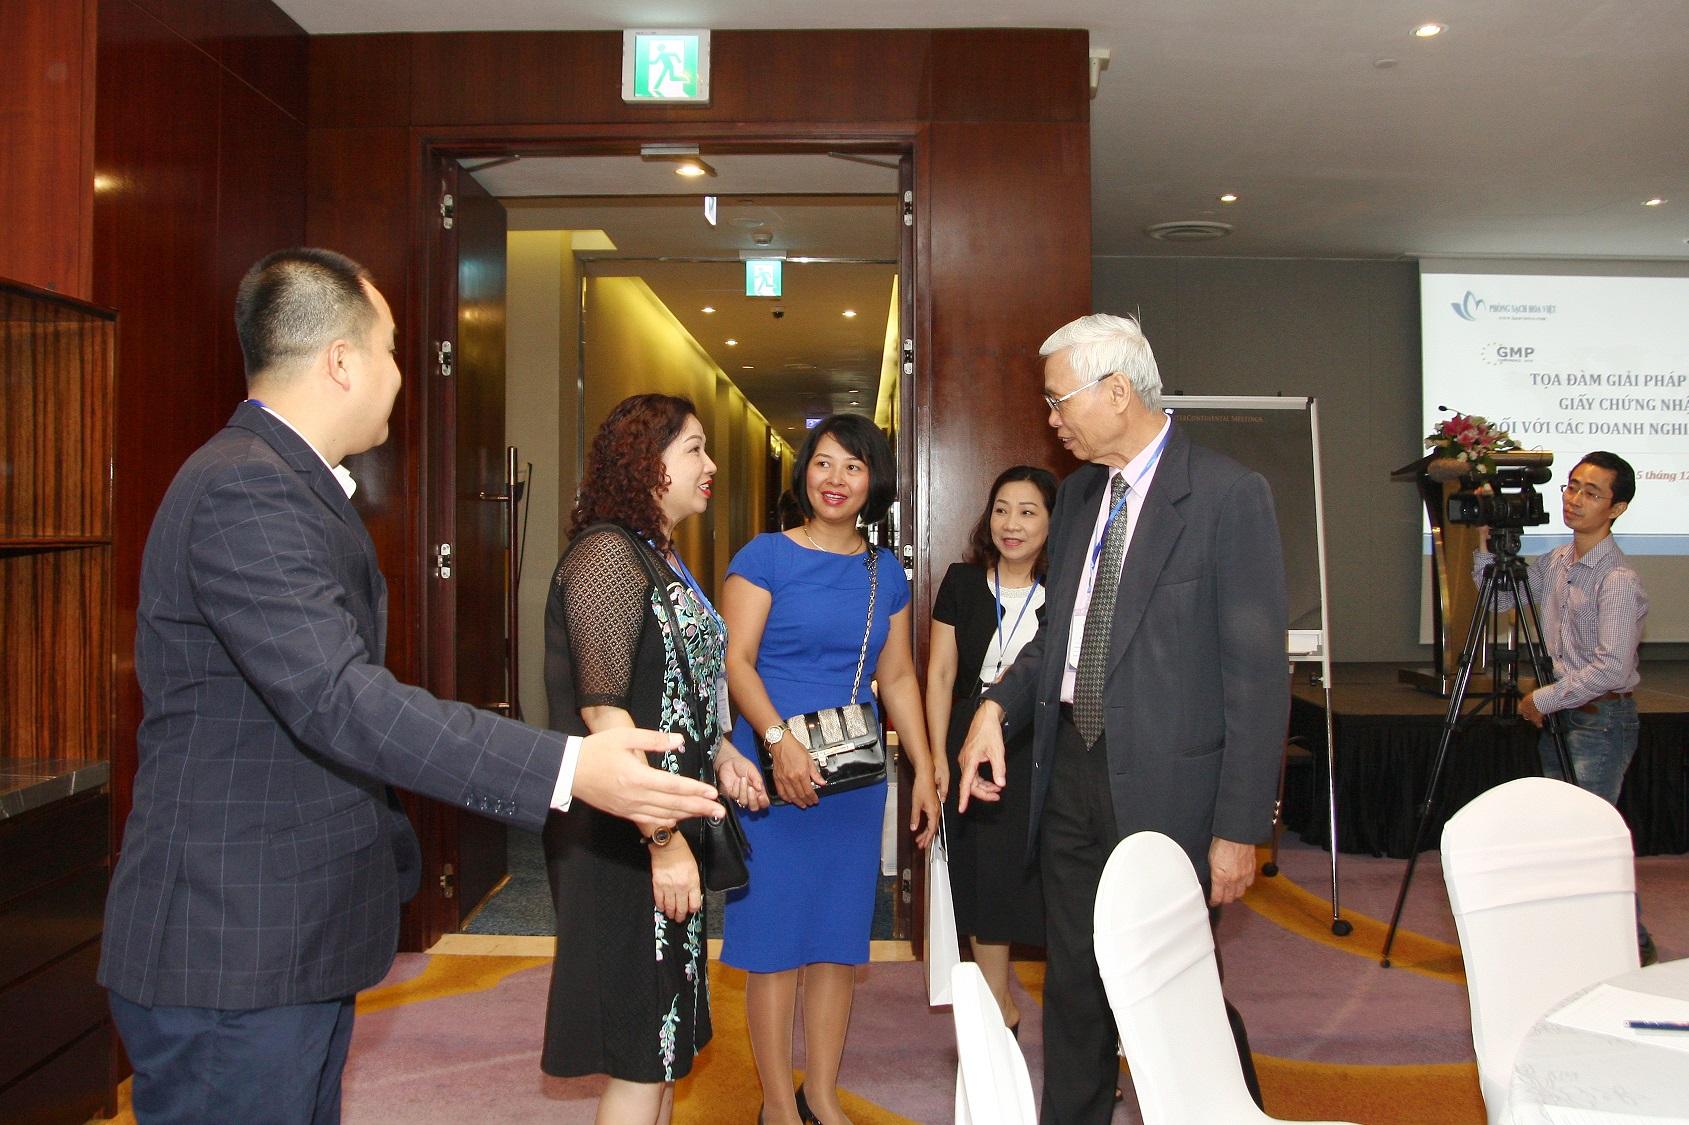 Tọa đàm GMP EU 2018 tại Hà Nội